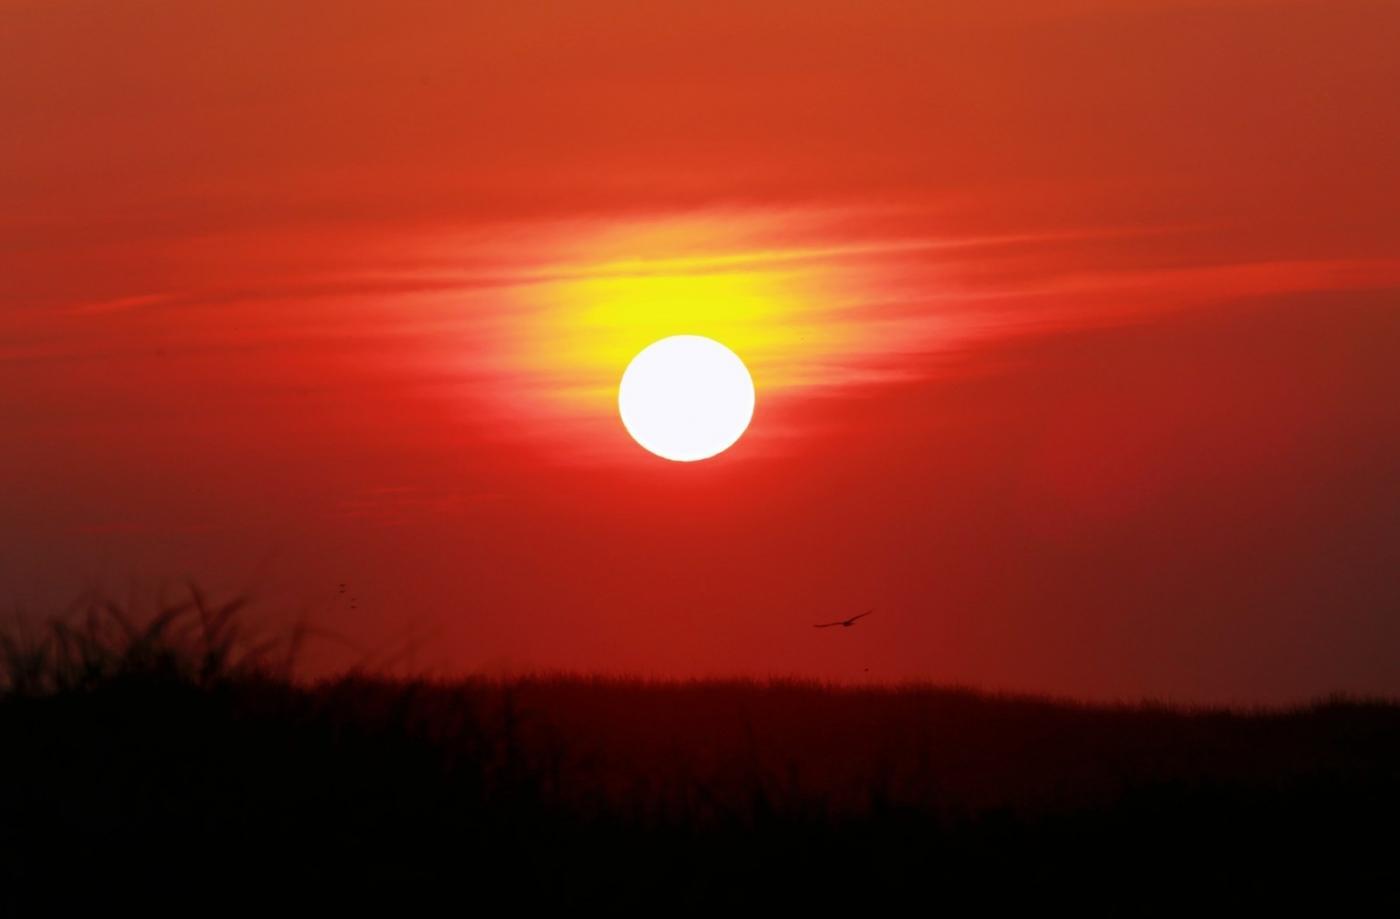 【田螺摄影】写长沙滩的日出日落_图1-6